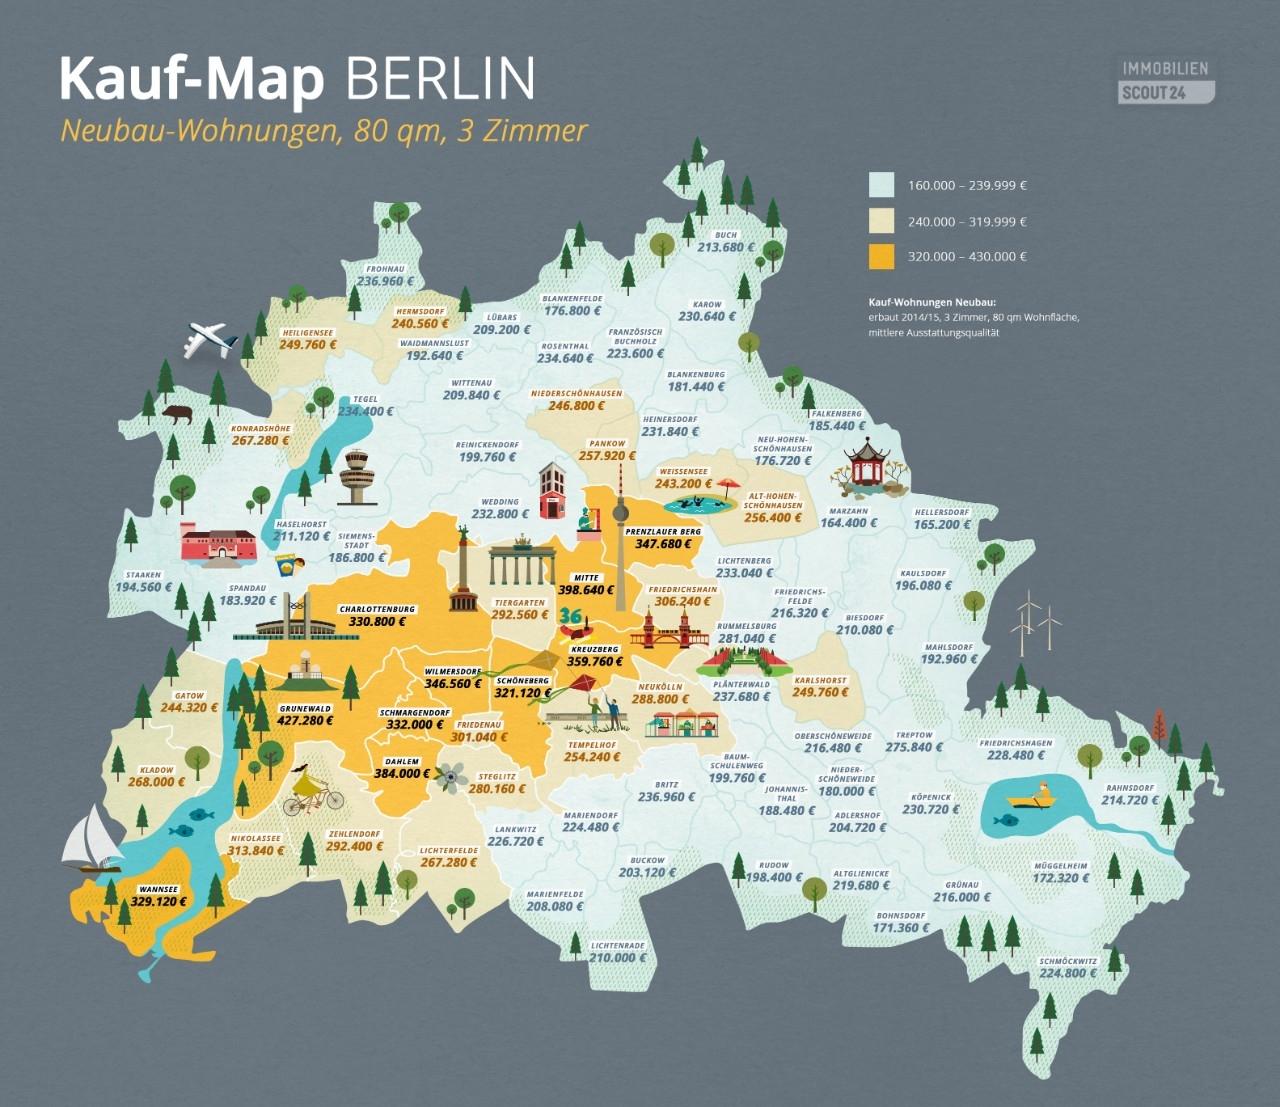 Kauf-map-neubauwohnungen in Kauf-Map Berlin: Wie teuer ist welcher Stadtbezirk?